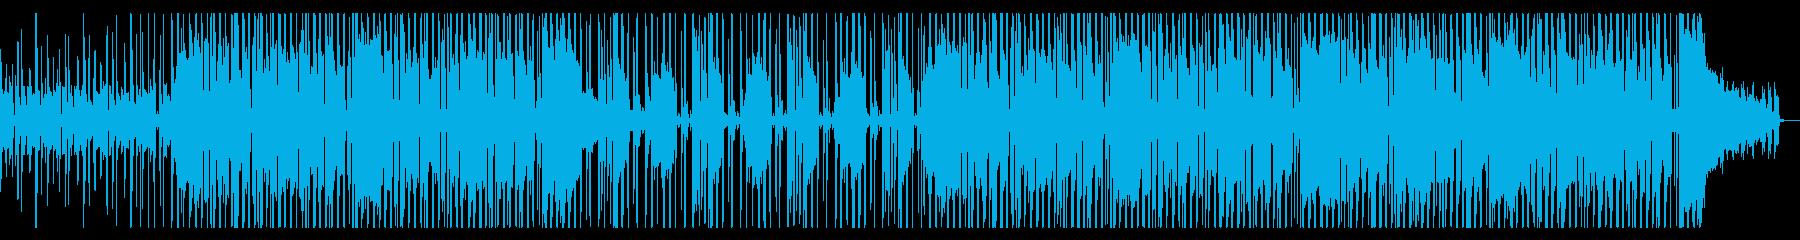 ファンキーでグルービーなR&B系ビートの再生済みの波形